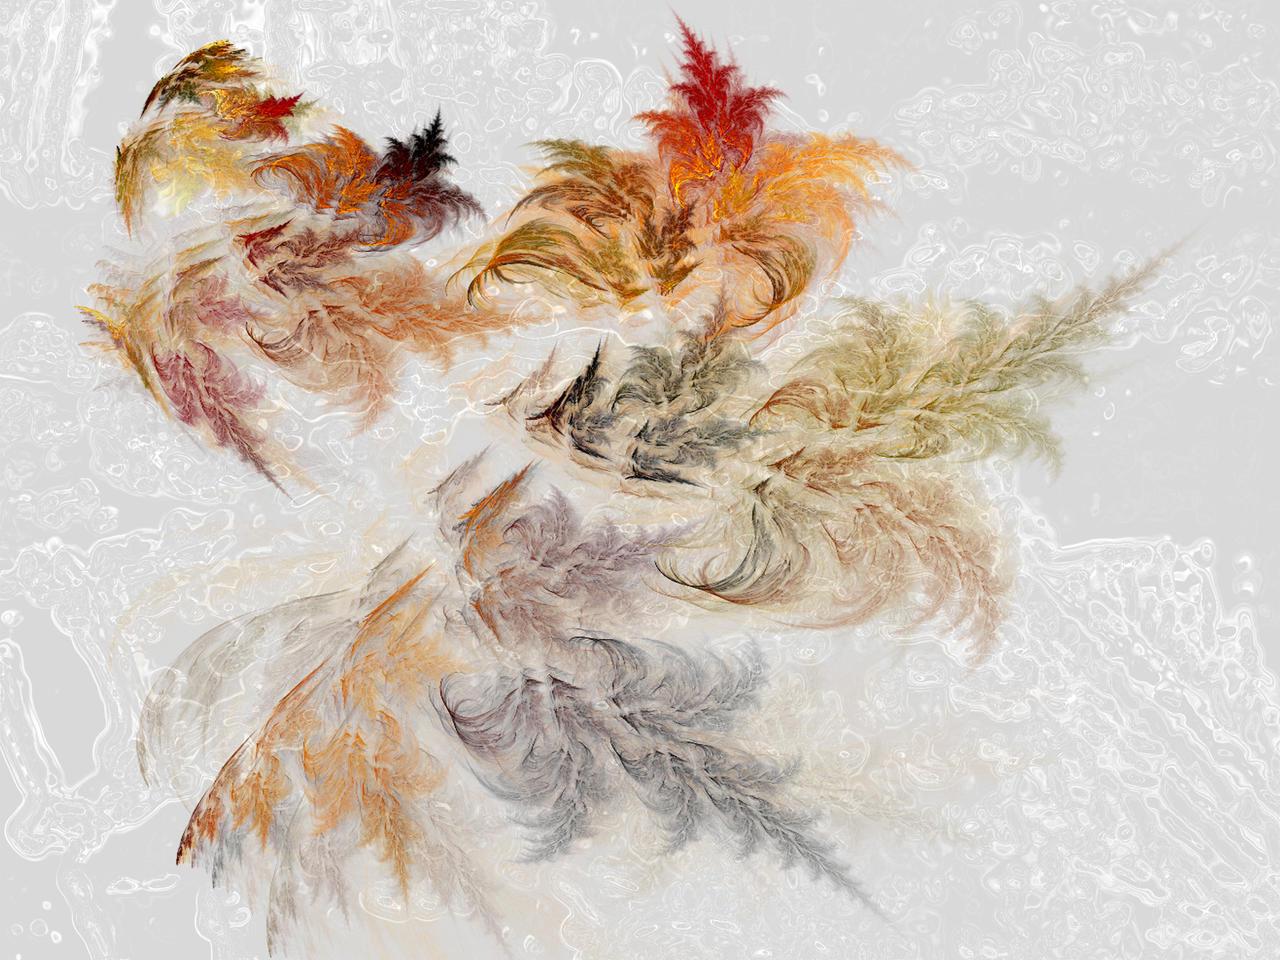 Blowin' In The Wind by Joe-Maccer